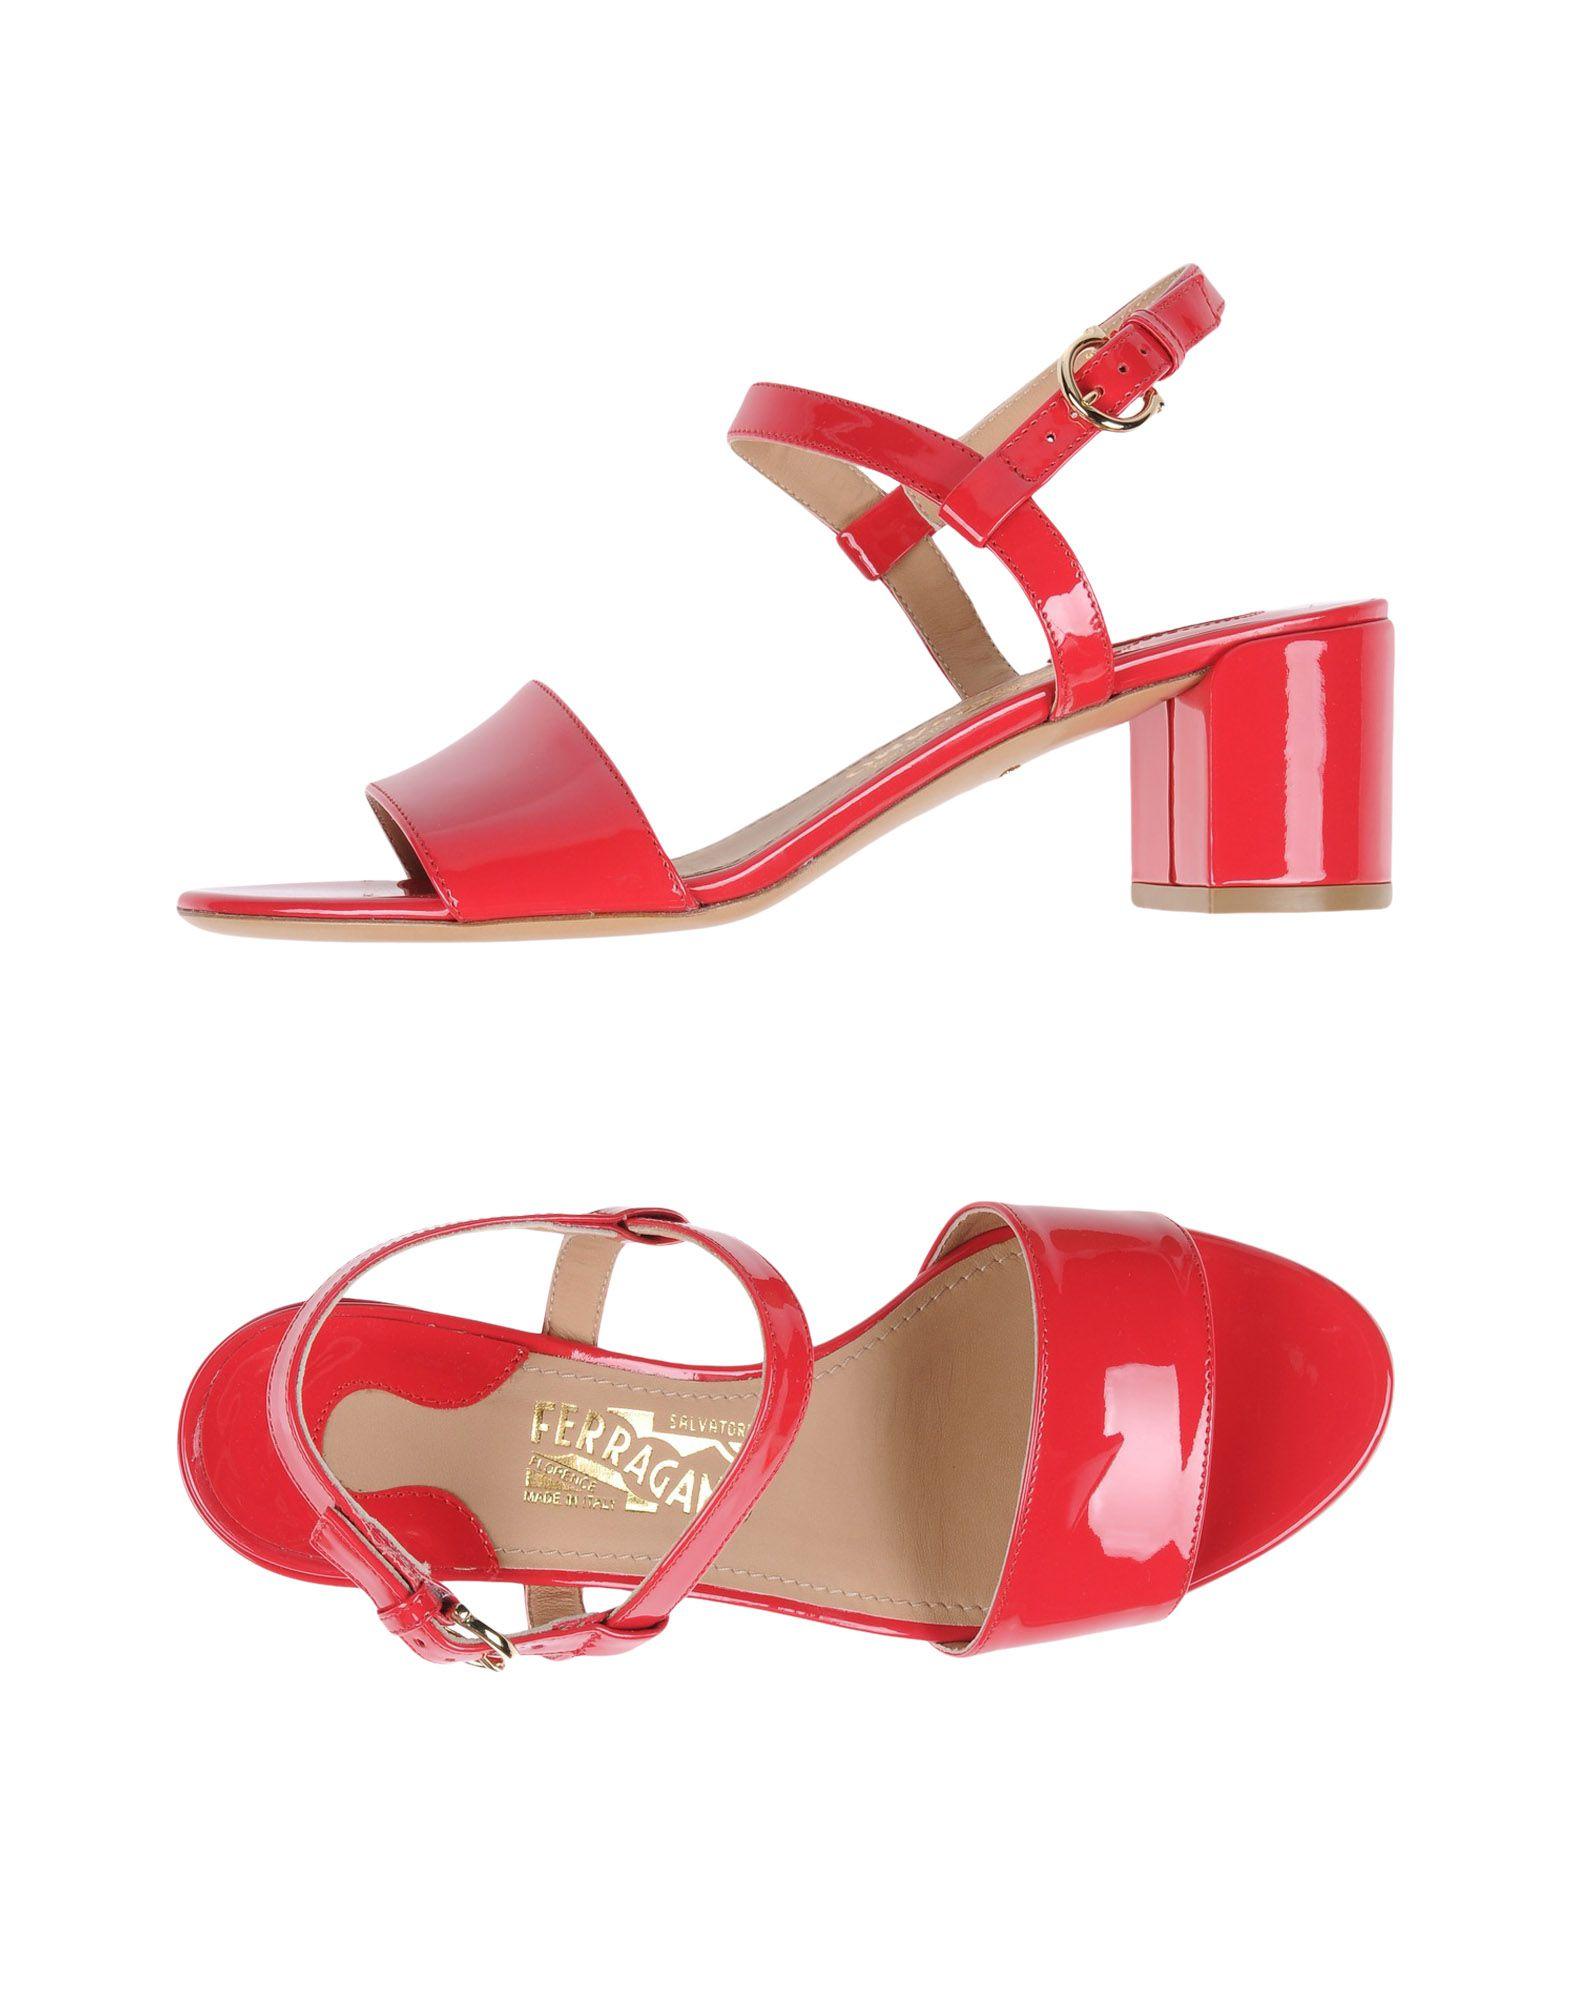 Rabatt Schuhe Salvatore Ferragamo Ferragamo Salvatore Sandalen Damen  11422487VX 687bea